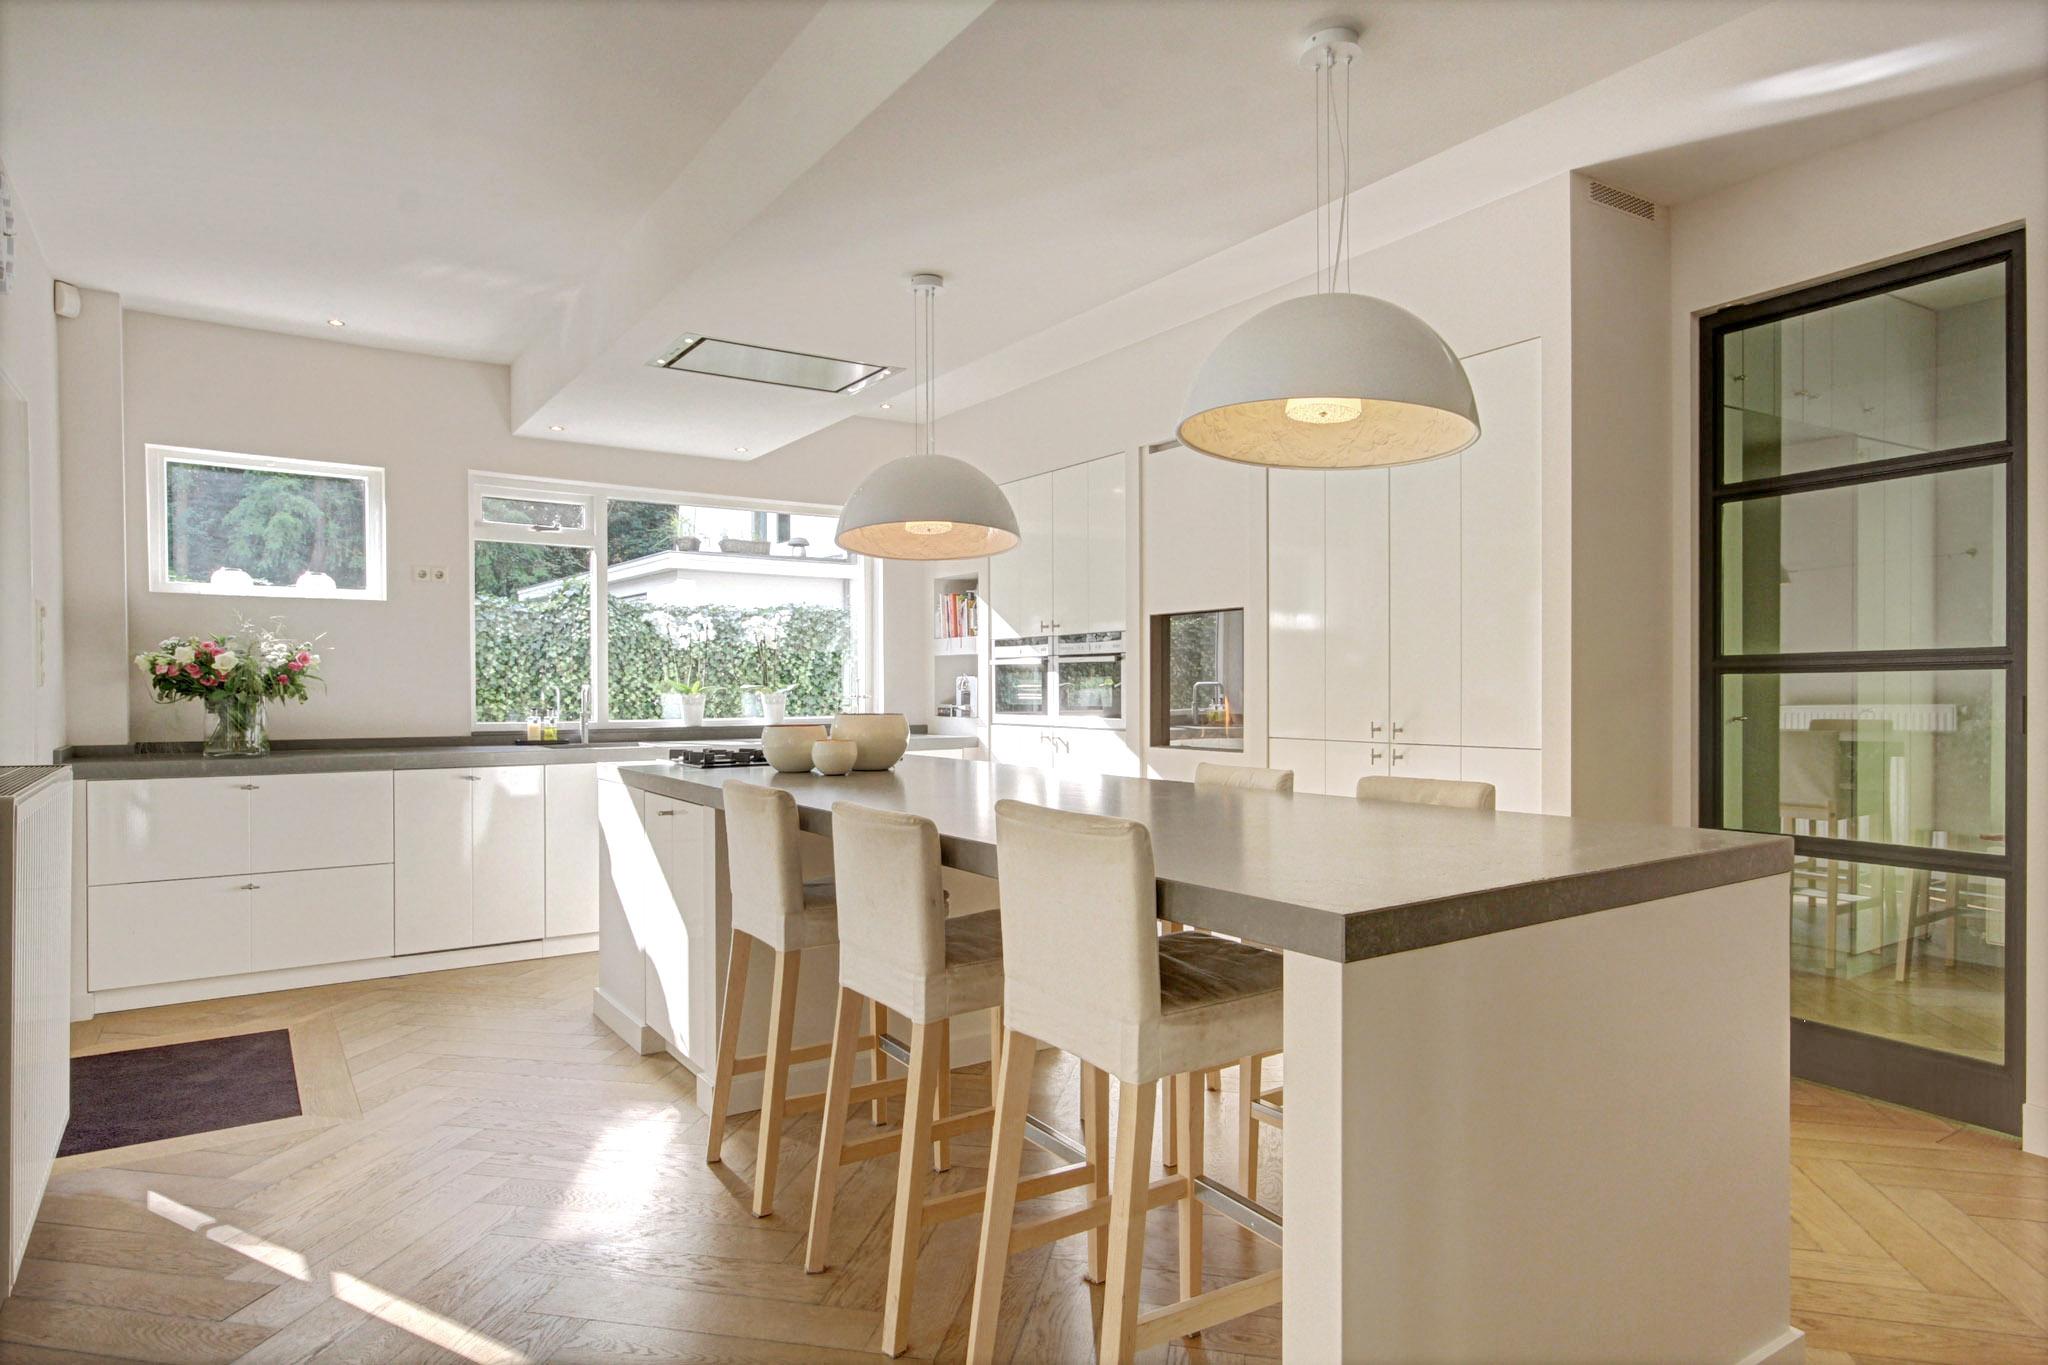 Keuken met kookeiland en bar – Van Manen Keukens